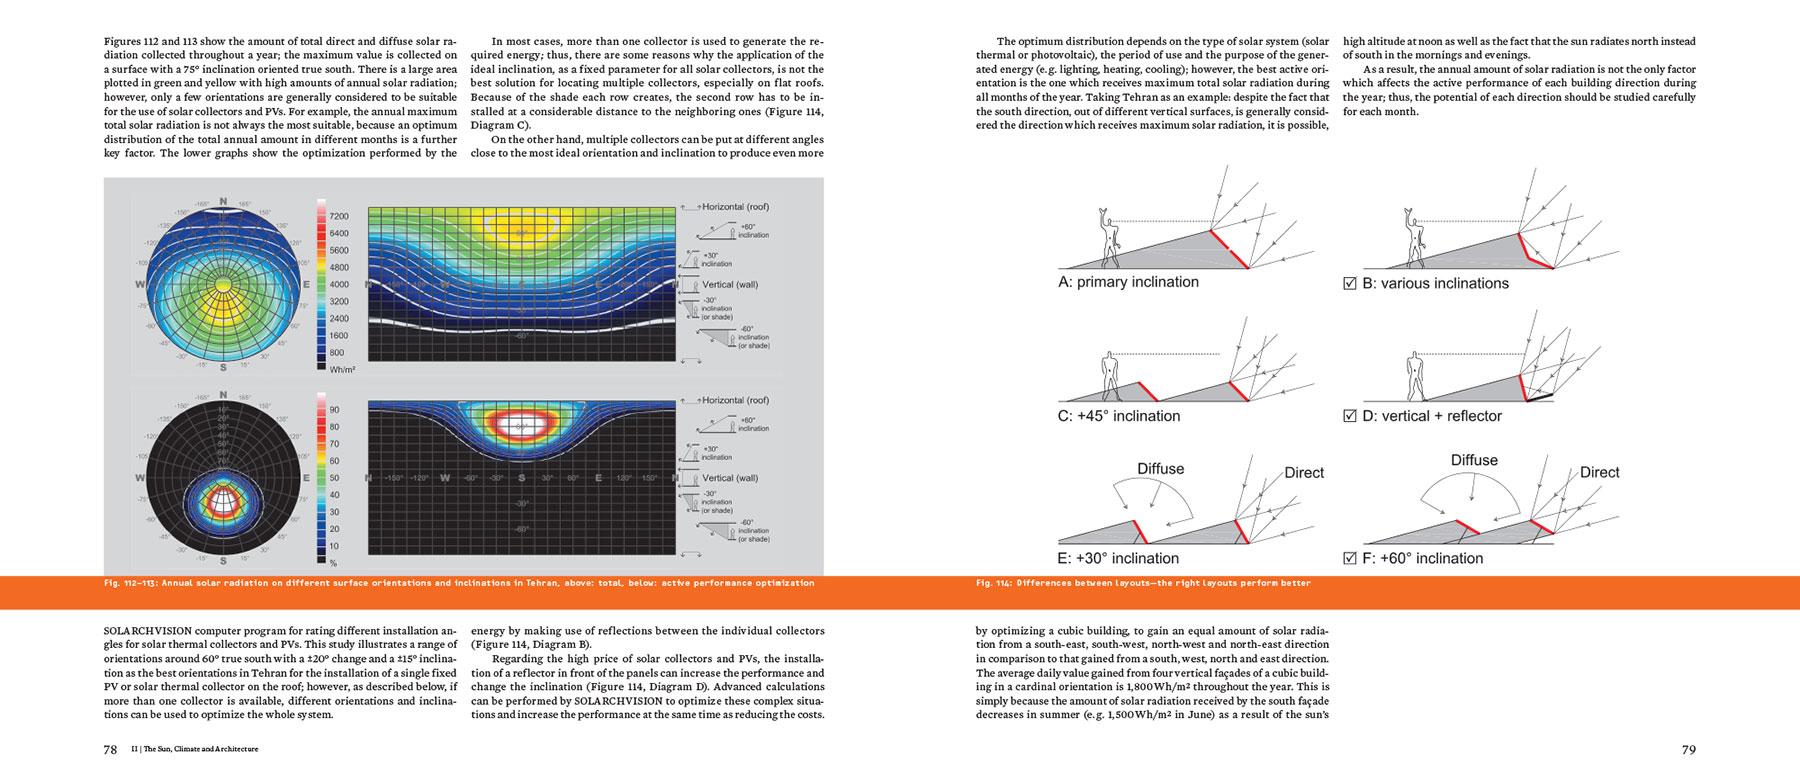 Vol09_-SolarClimaticVision-CD-Rom-v02-78.jpg